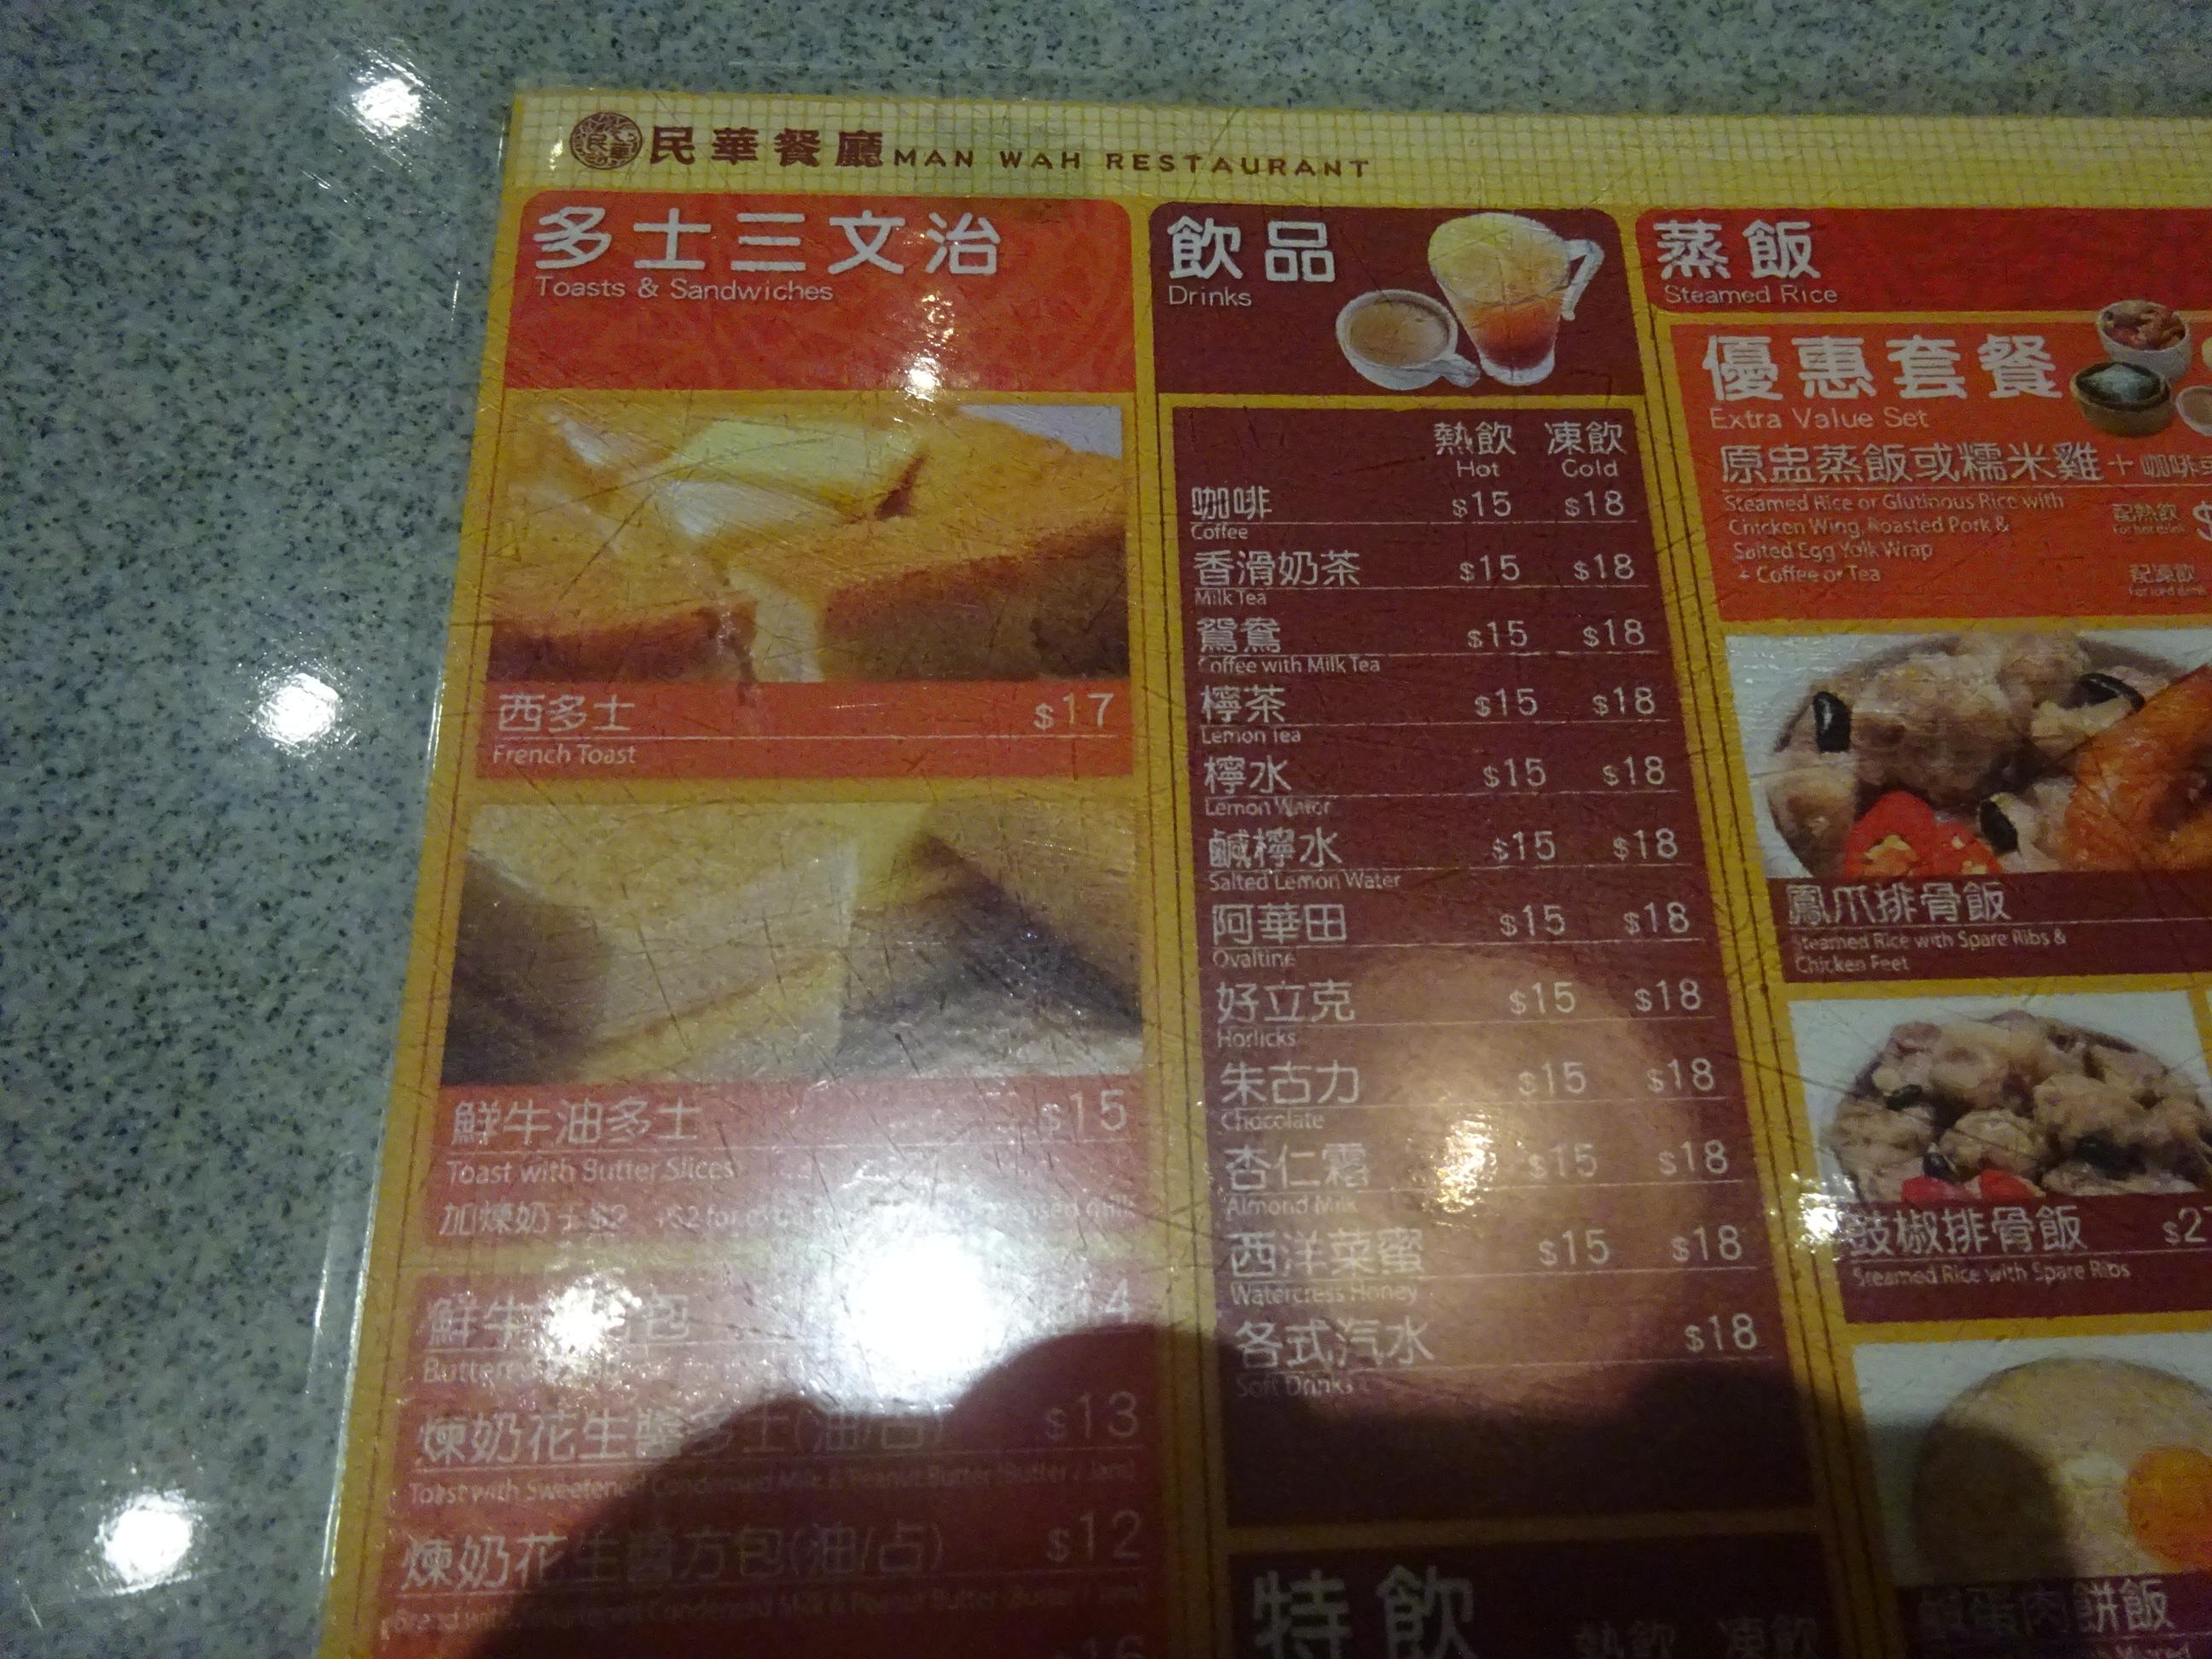 香港おすすめレストランの飲み物メニュー